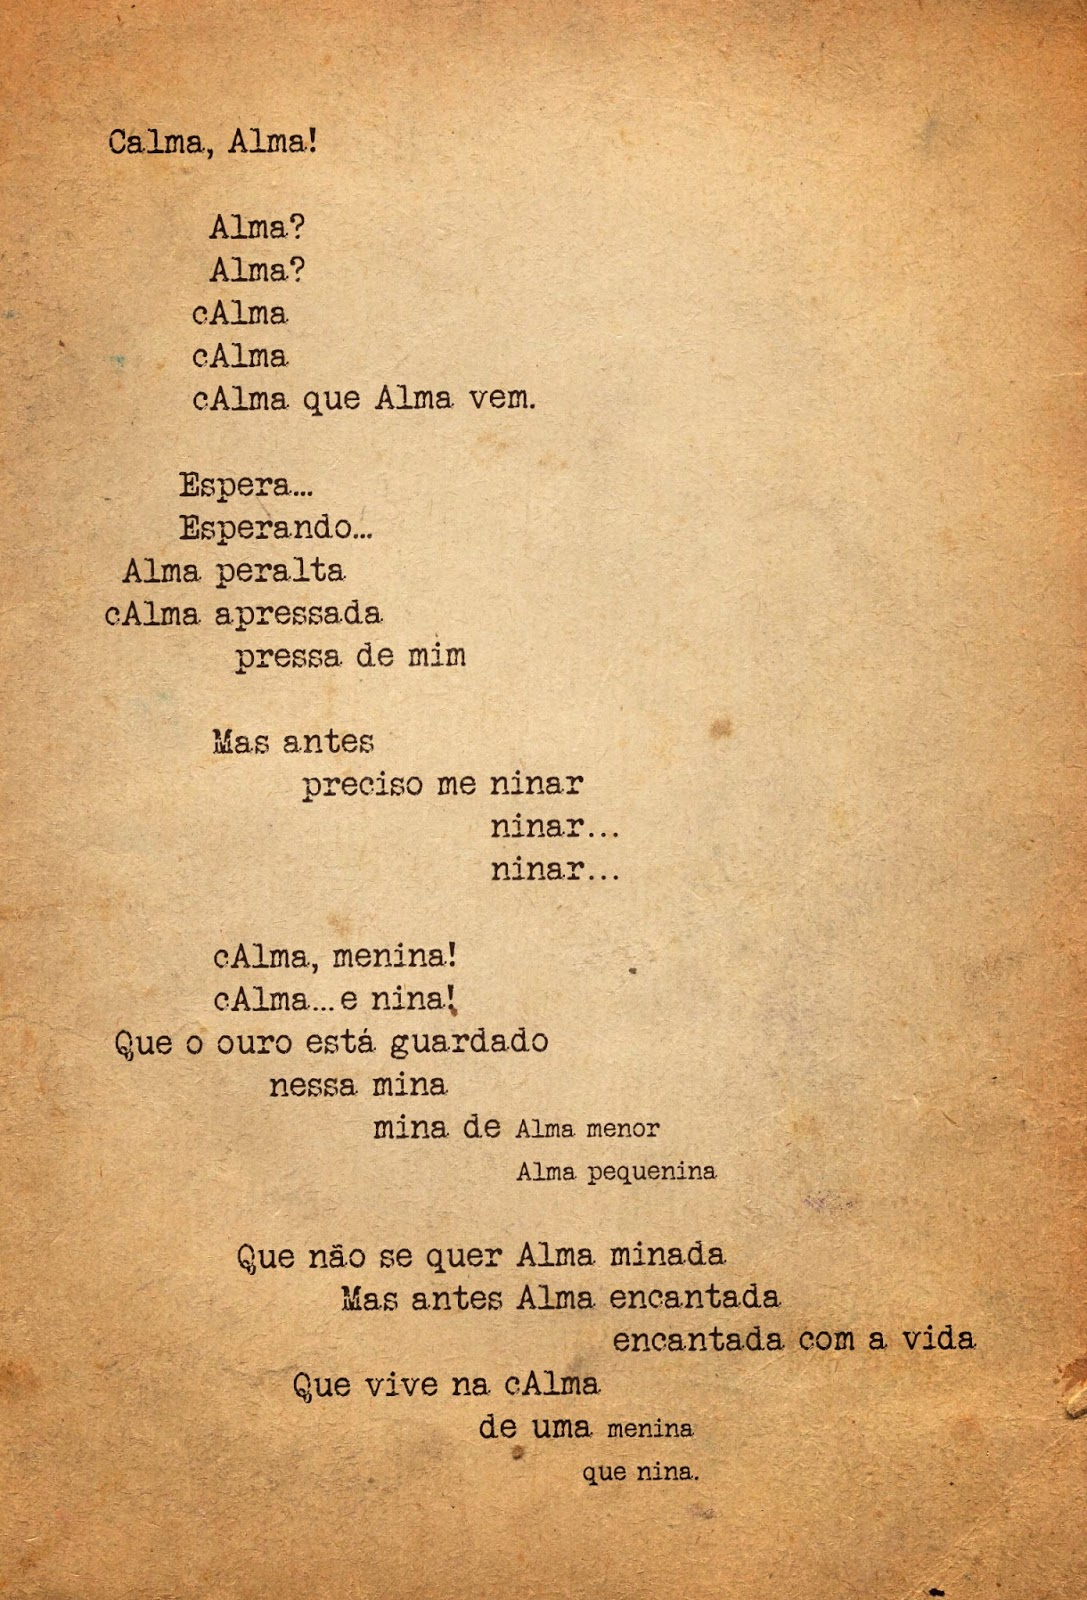 blog-calma_alma